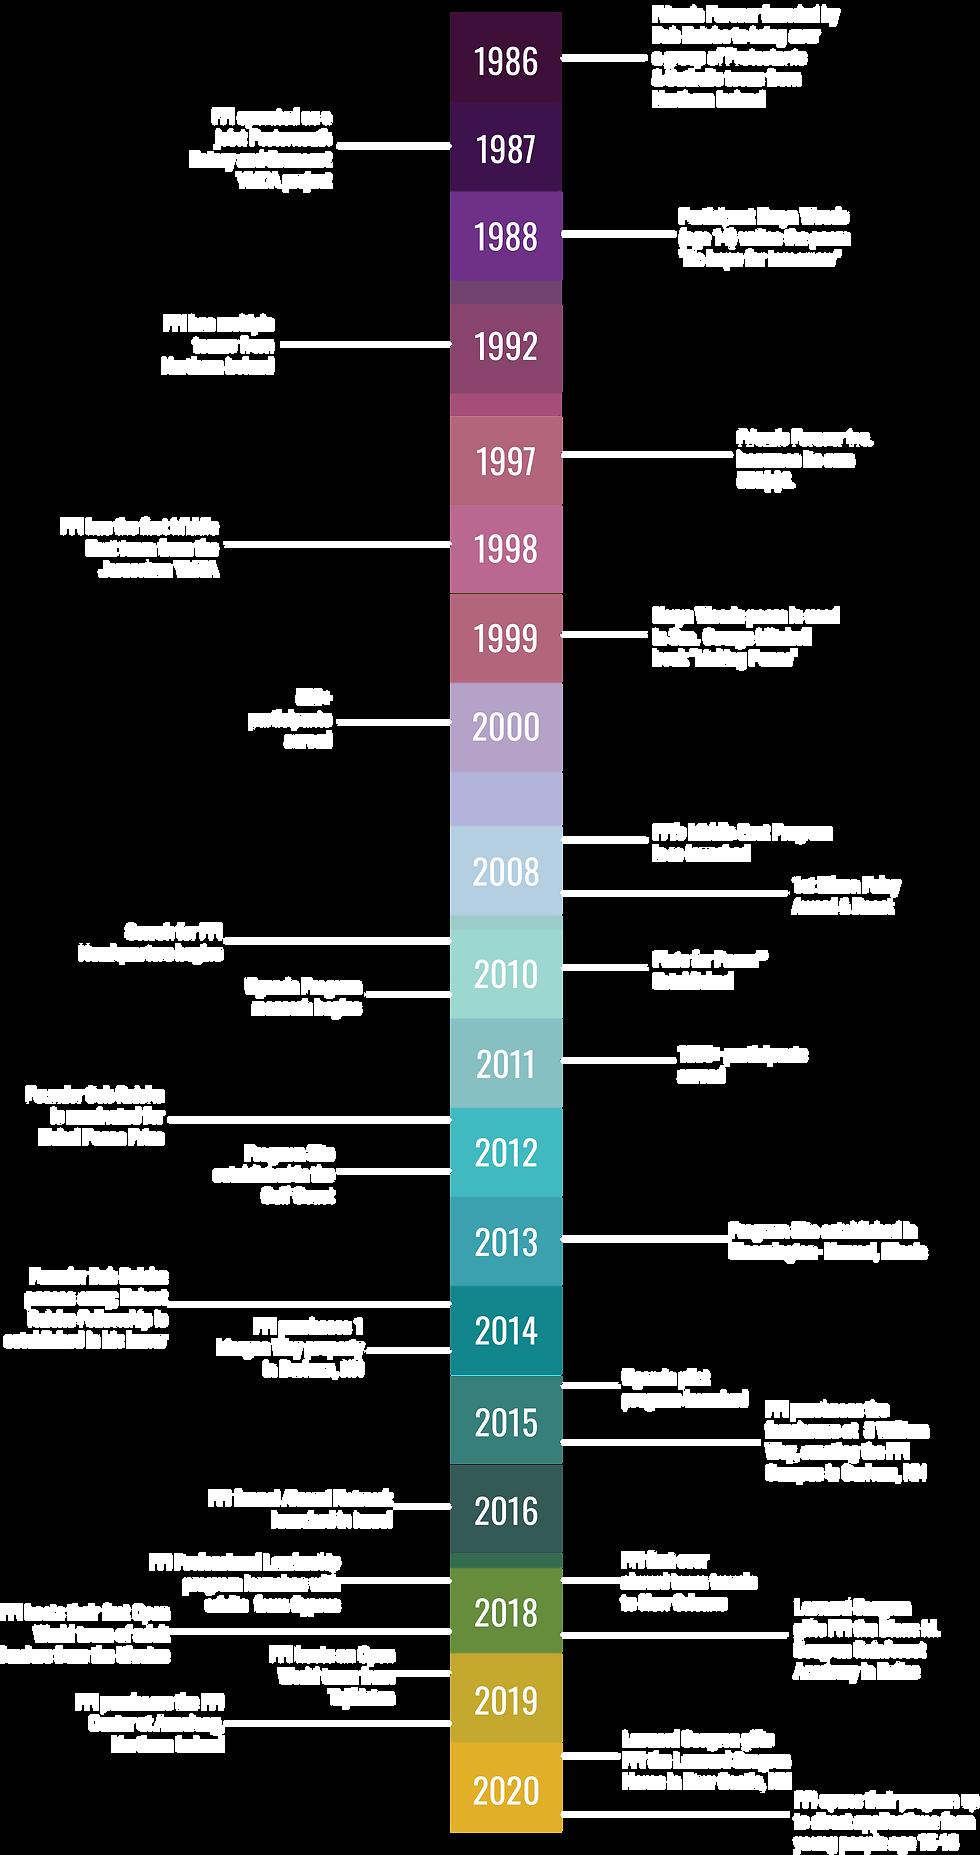 FFI Org timeline - revised 9-28-2020.png